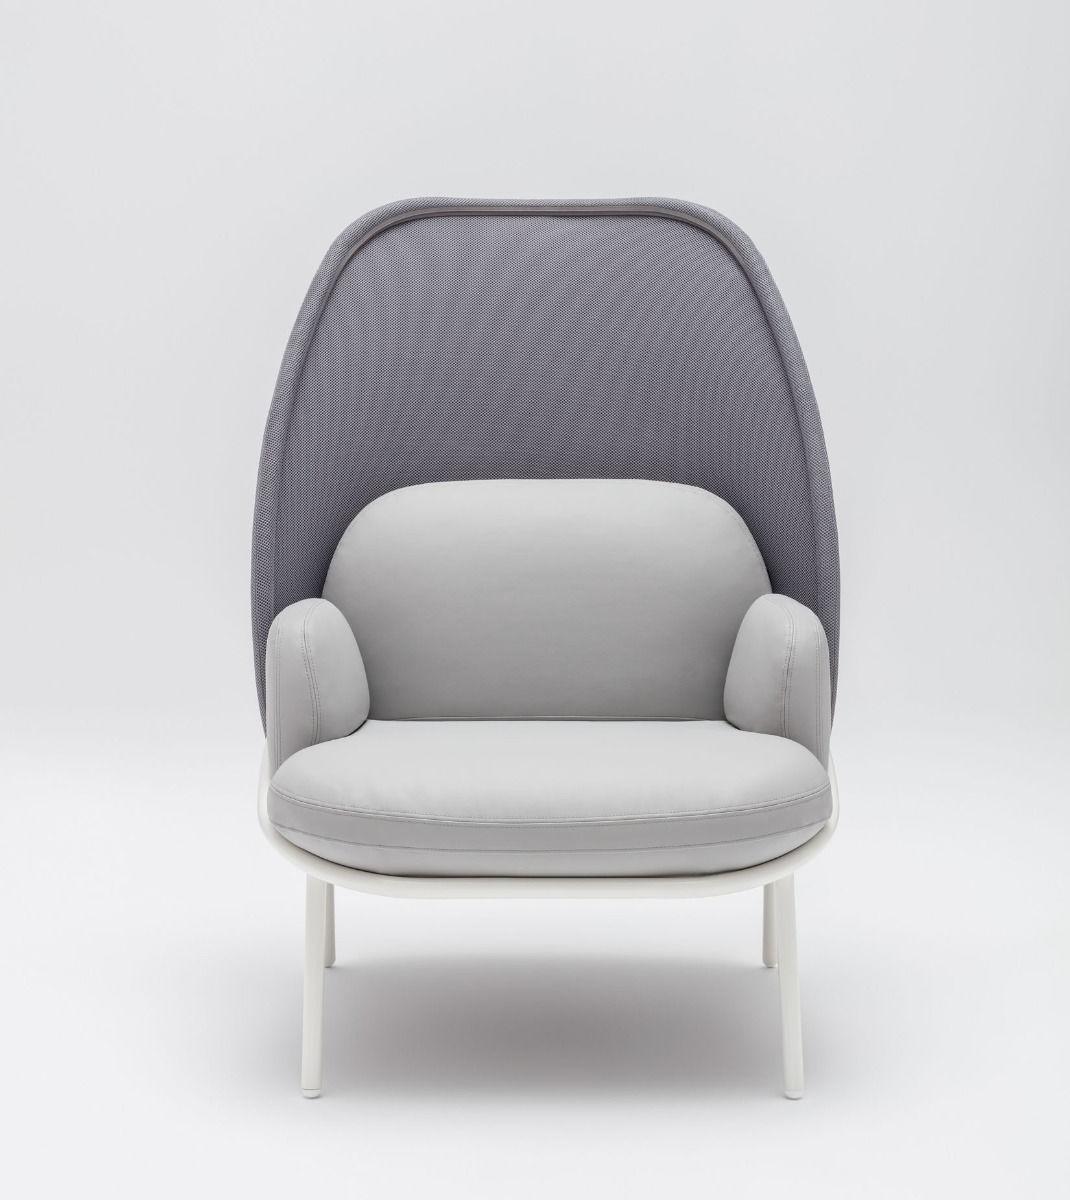 seating armchair mesch mdd 1 e1565588736733 2